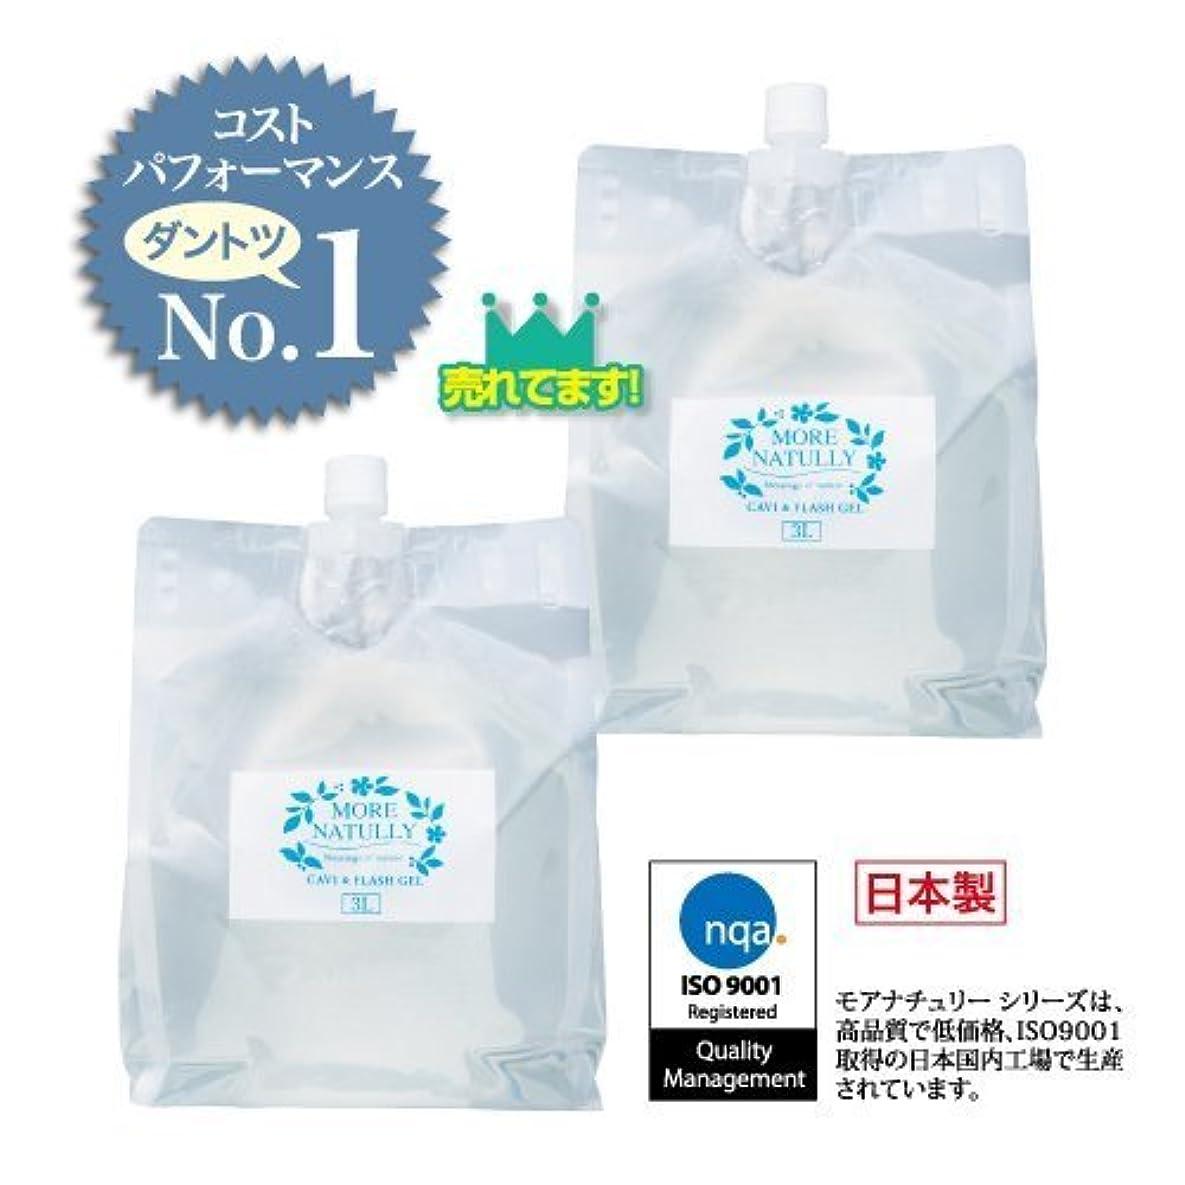 着実にポーン実行可能モアナチュリー キャビ&フラッシュジェル 【ソフト】3kg×2袋